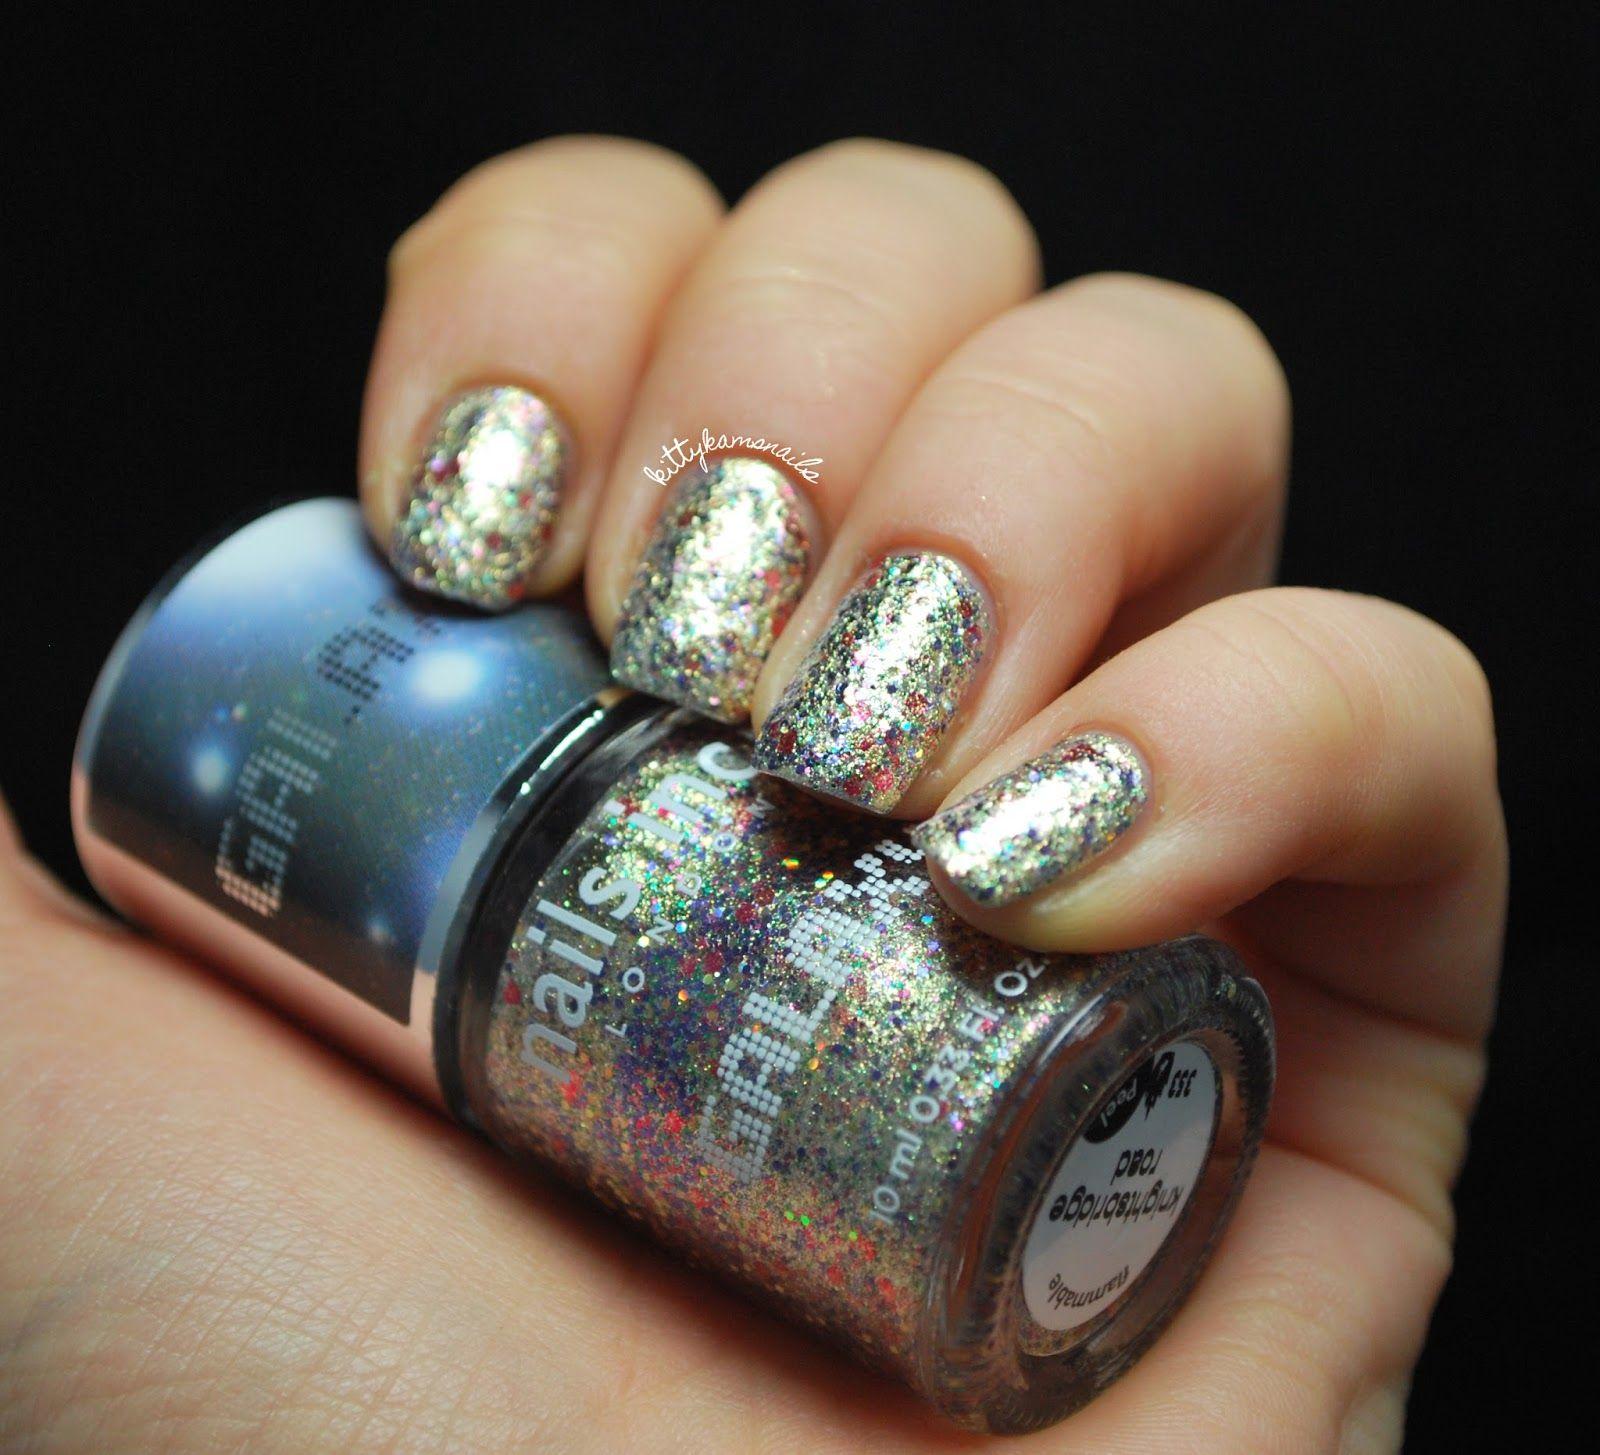 Nails Inc Galaxy - Knightsbridge Road   My nail polish collection ...